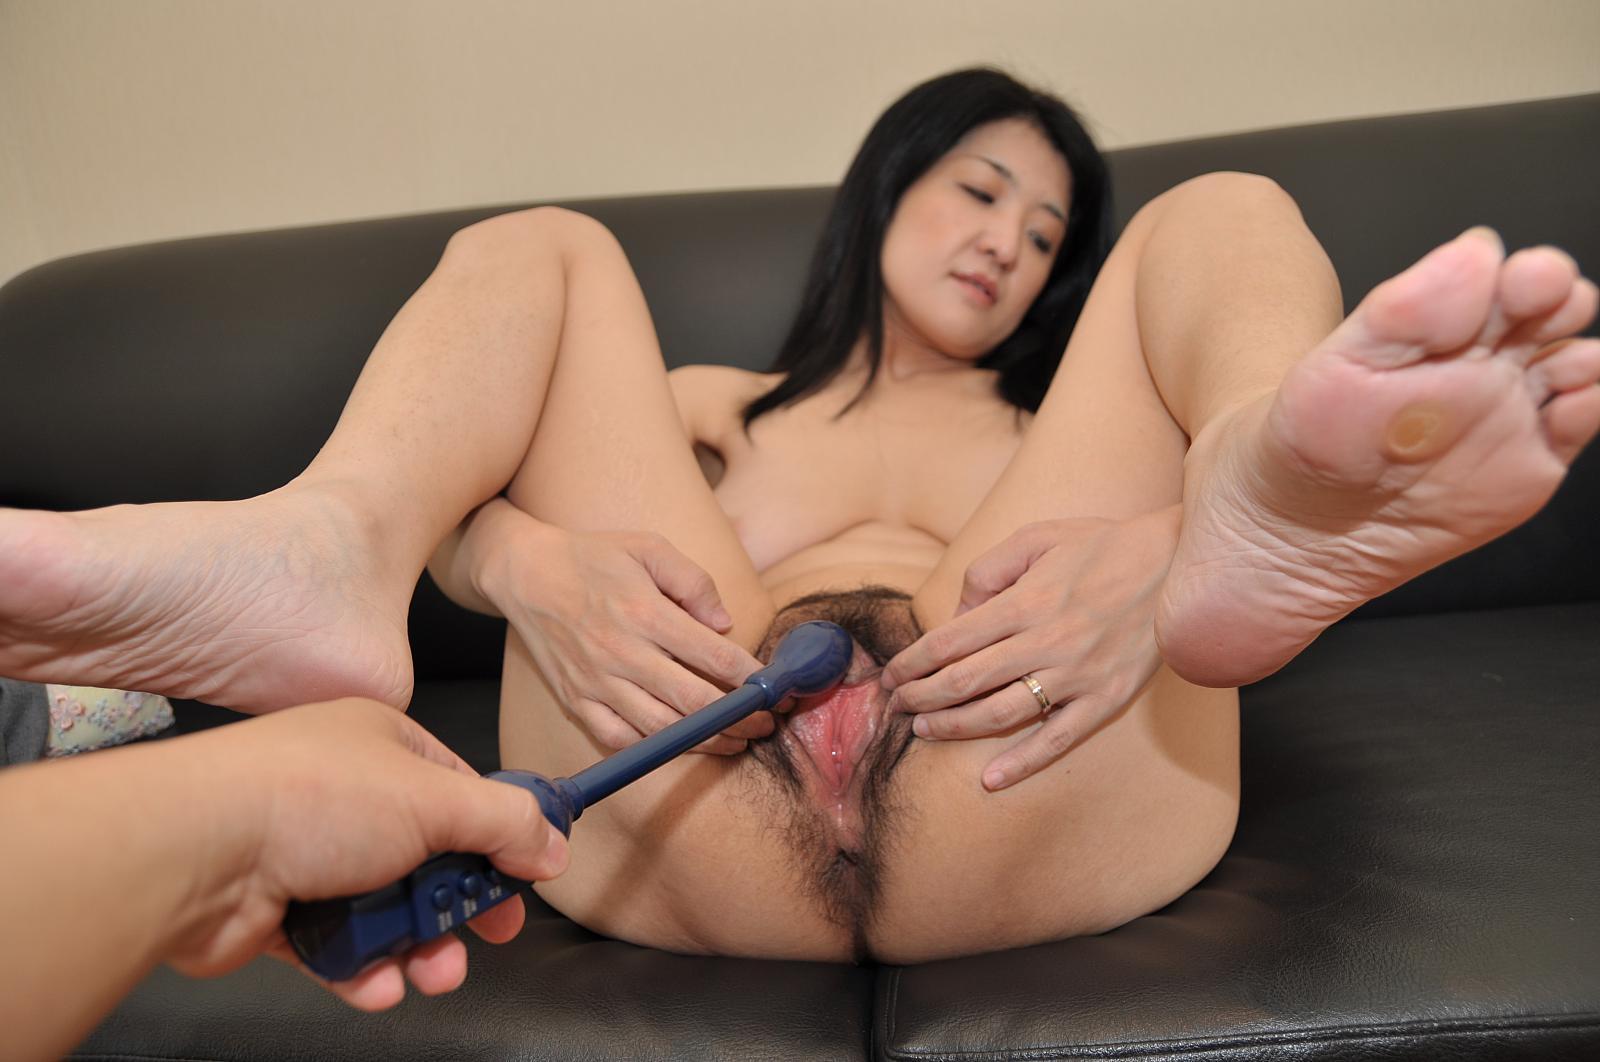 Asian Panties Images, Cottons Sex